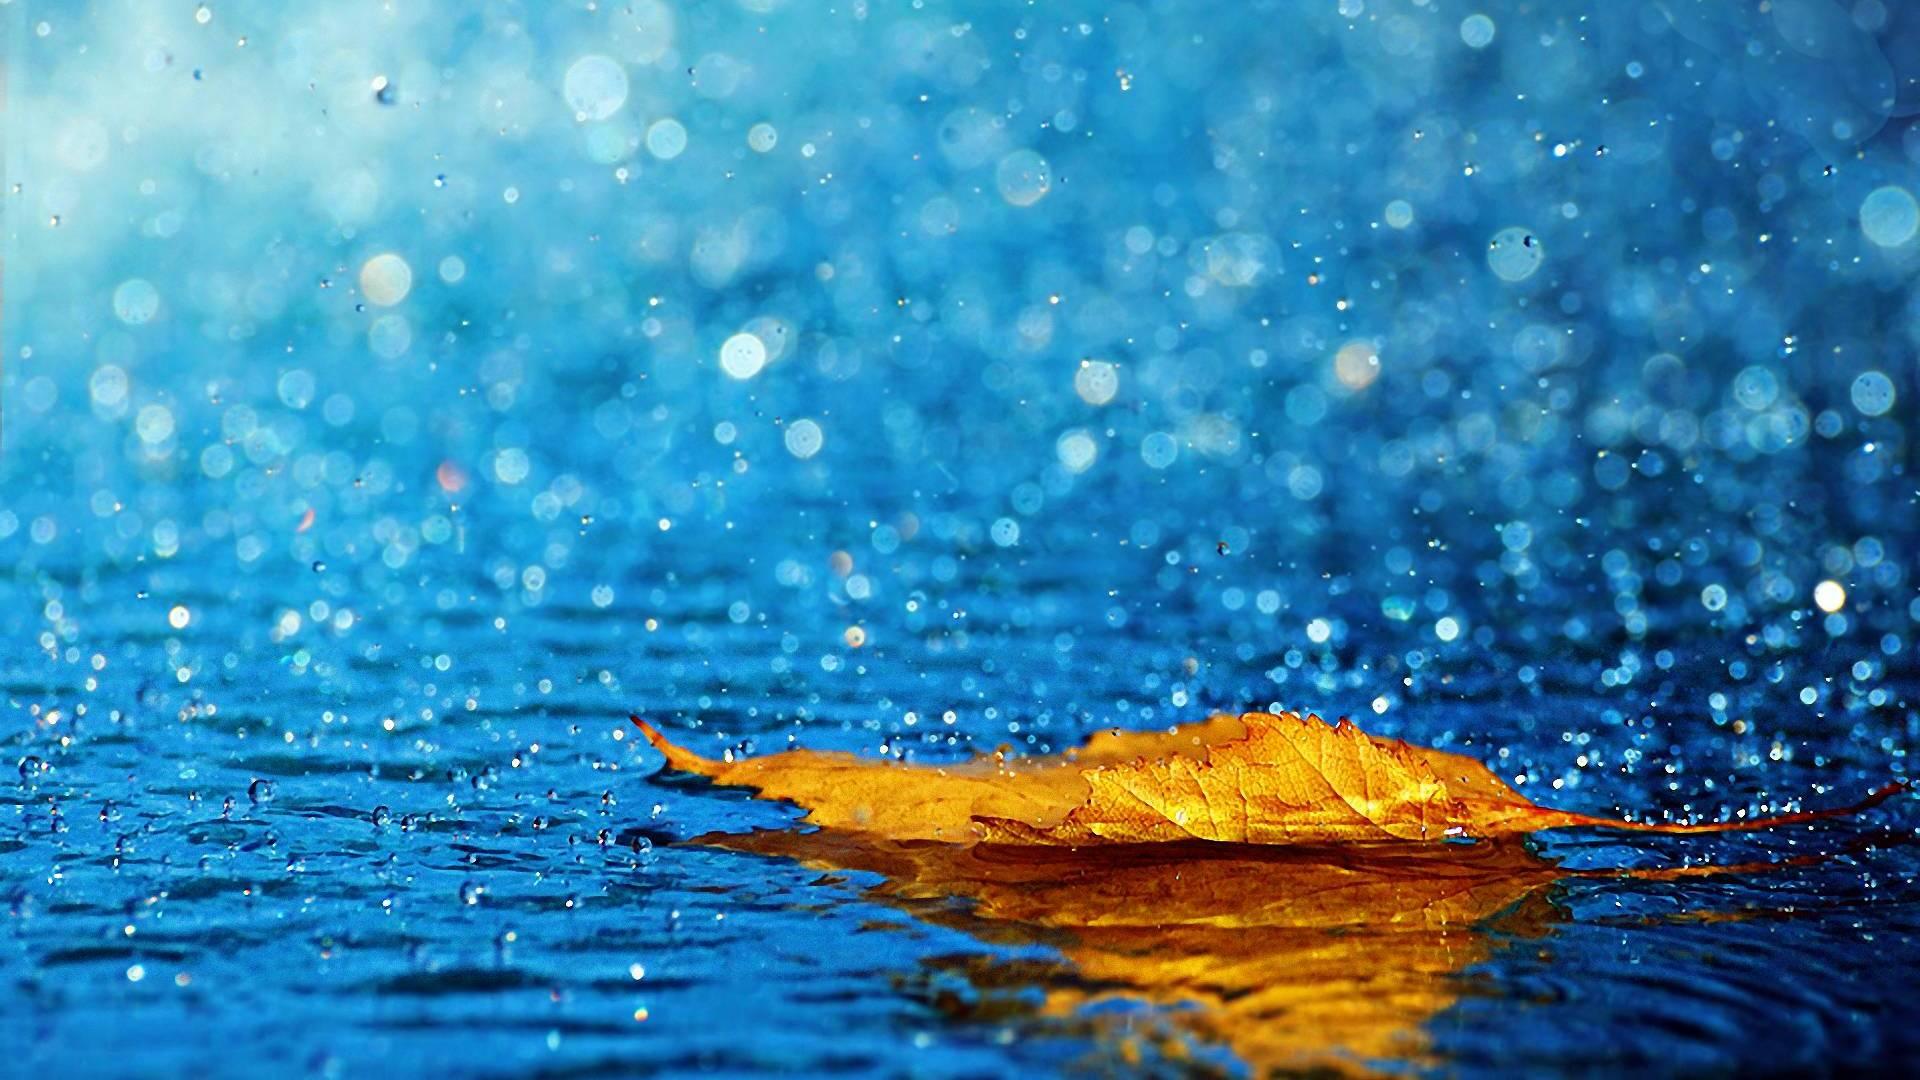 Осень дождь обои рабочий стол